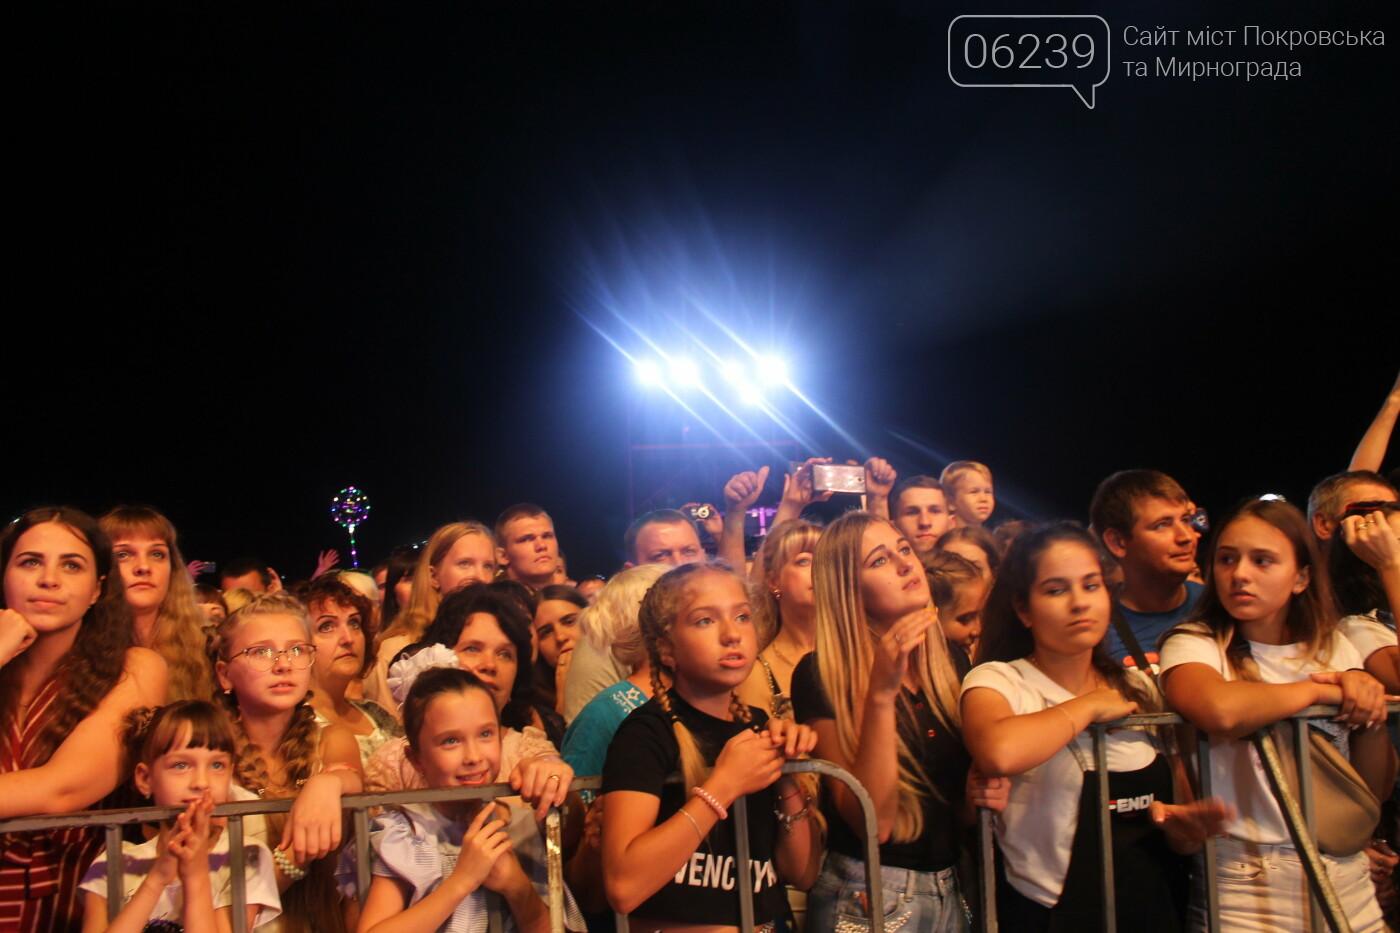 Настя Каменских и Султан Ураган: в Покровске масштабно отпраздновали День города и День Шахтера (ФОТО), фото-50